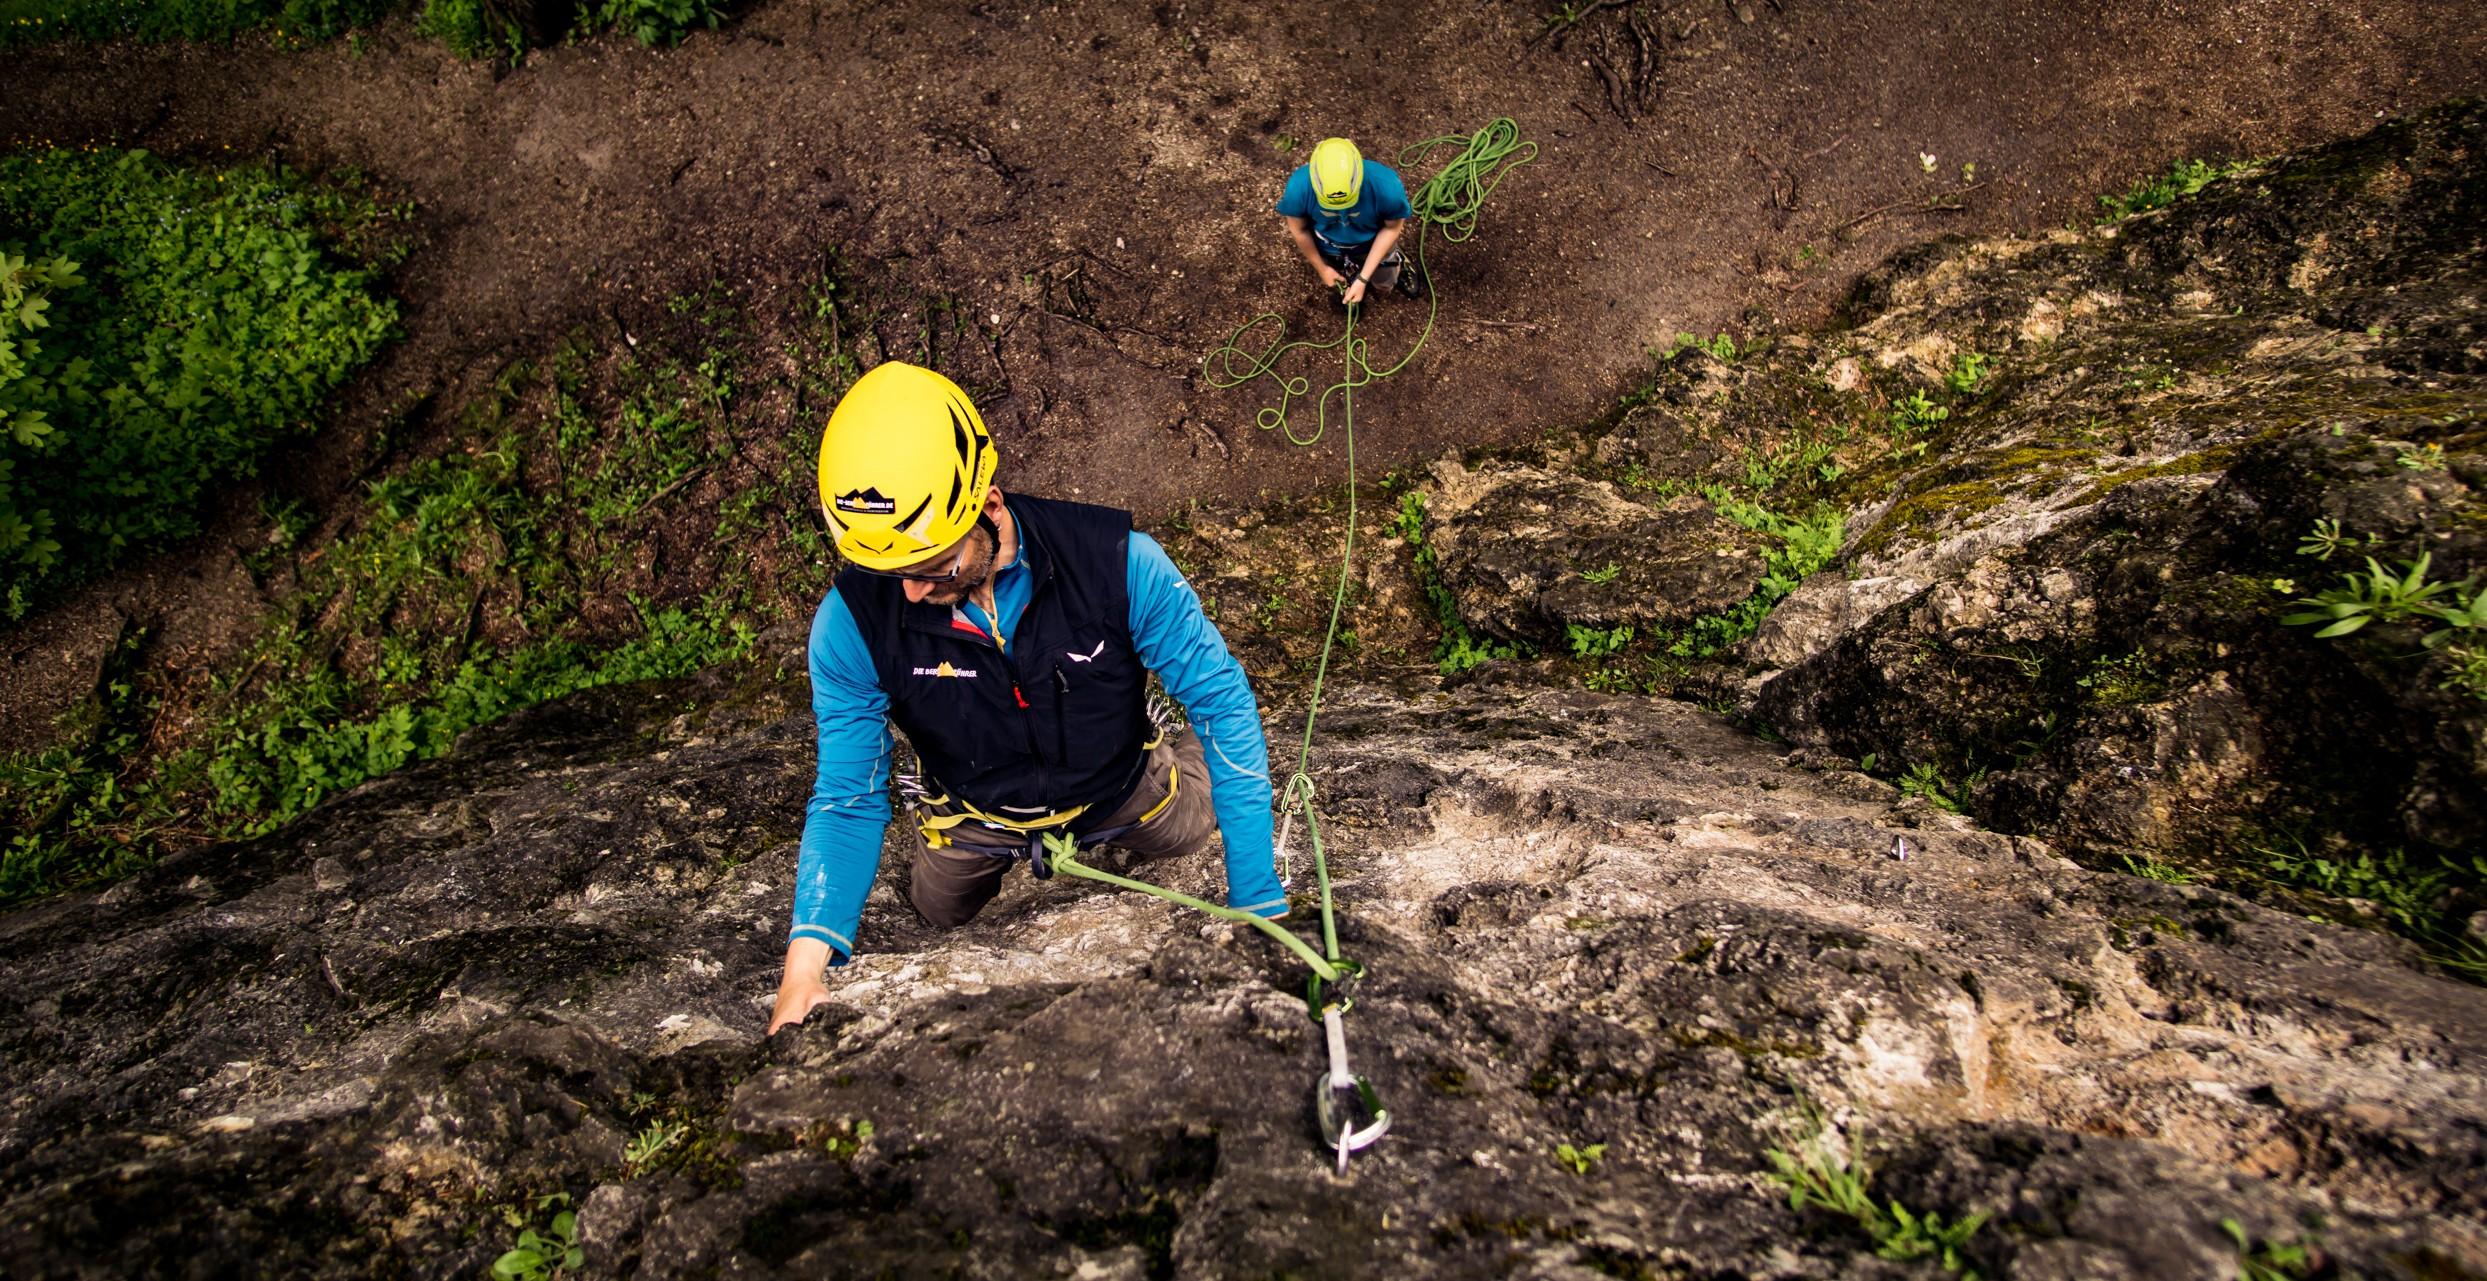 Kletterausrüstung Einsteiger : Grundkurs klettern tages kletterkurs für einsteiger und